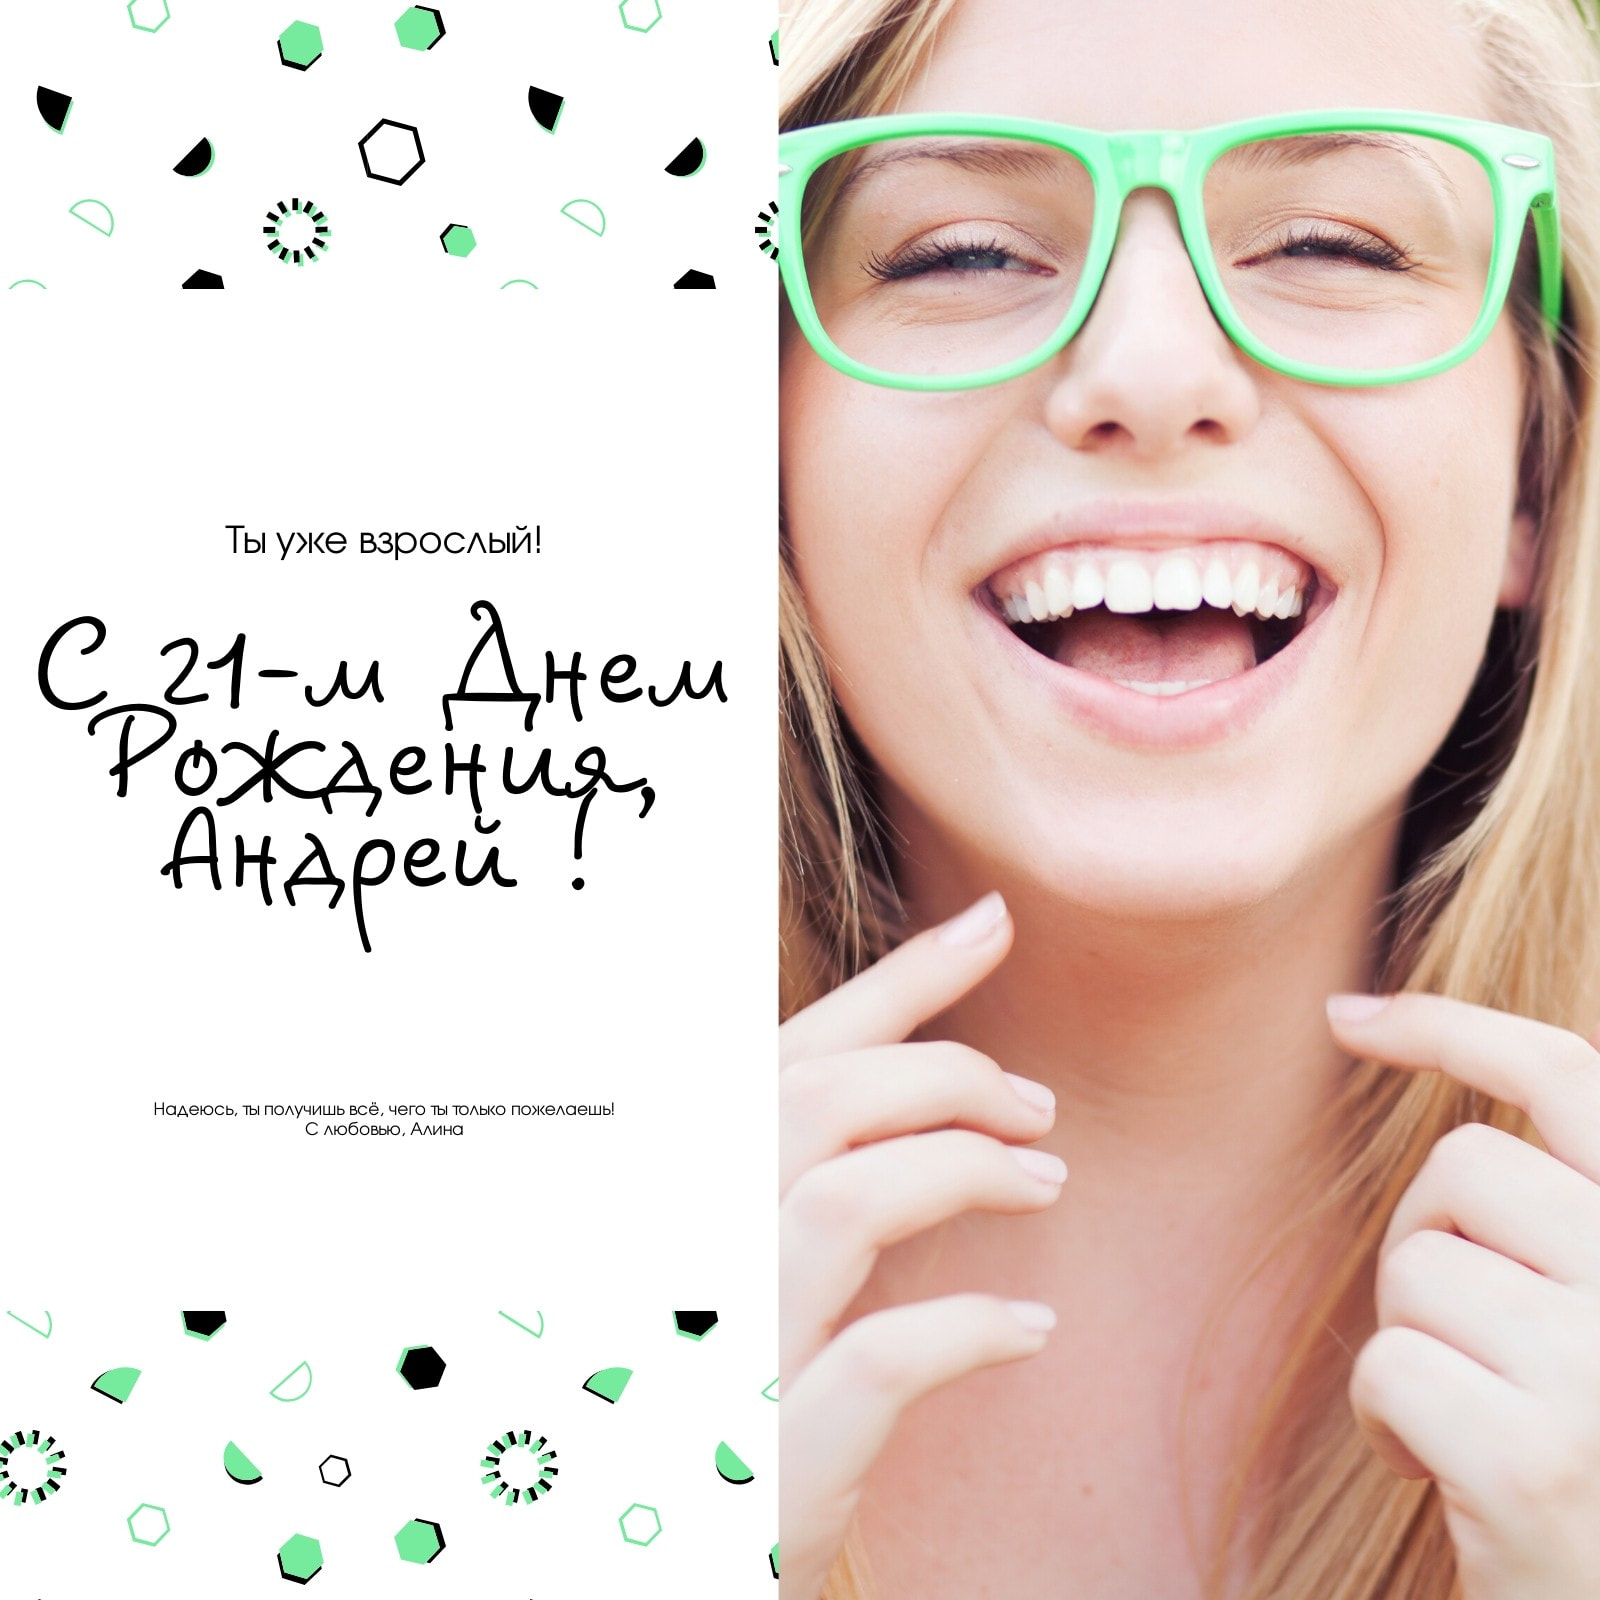 Неоновый Зеленый 18-й день рождения Социальные Сети Публикация